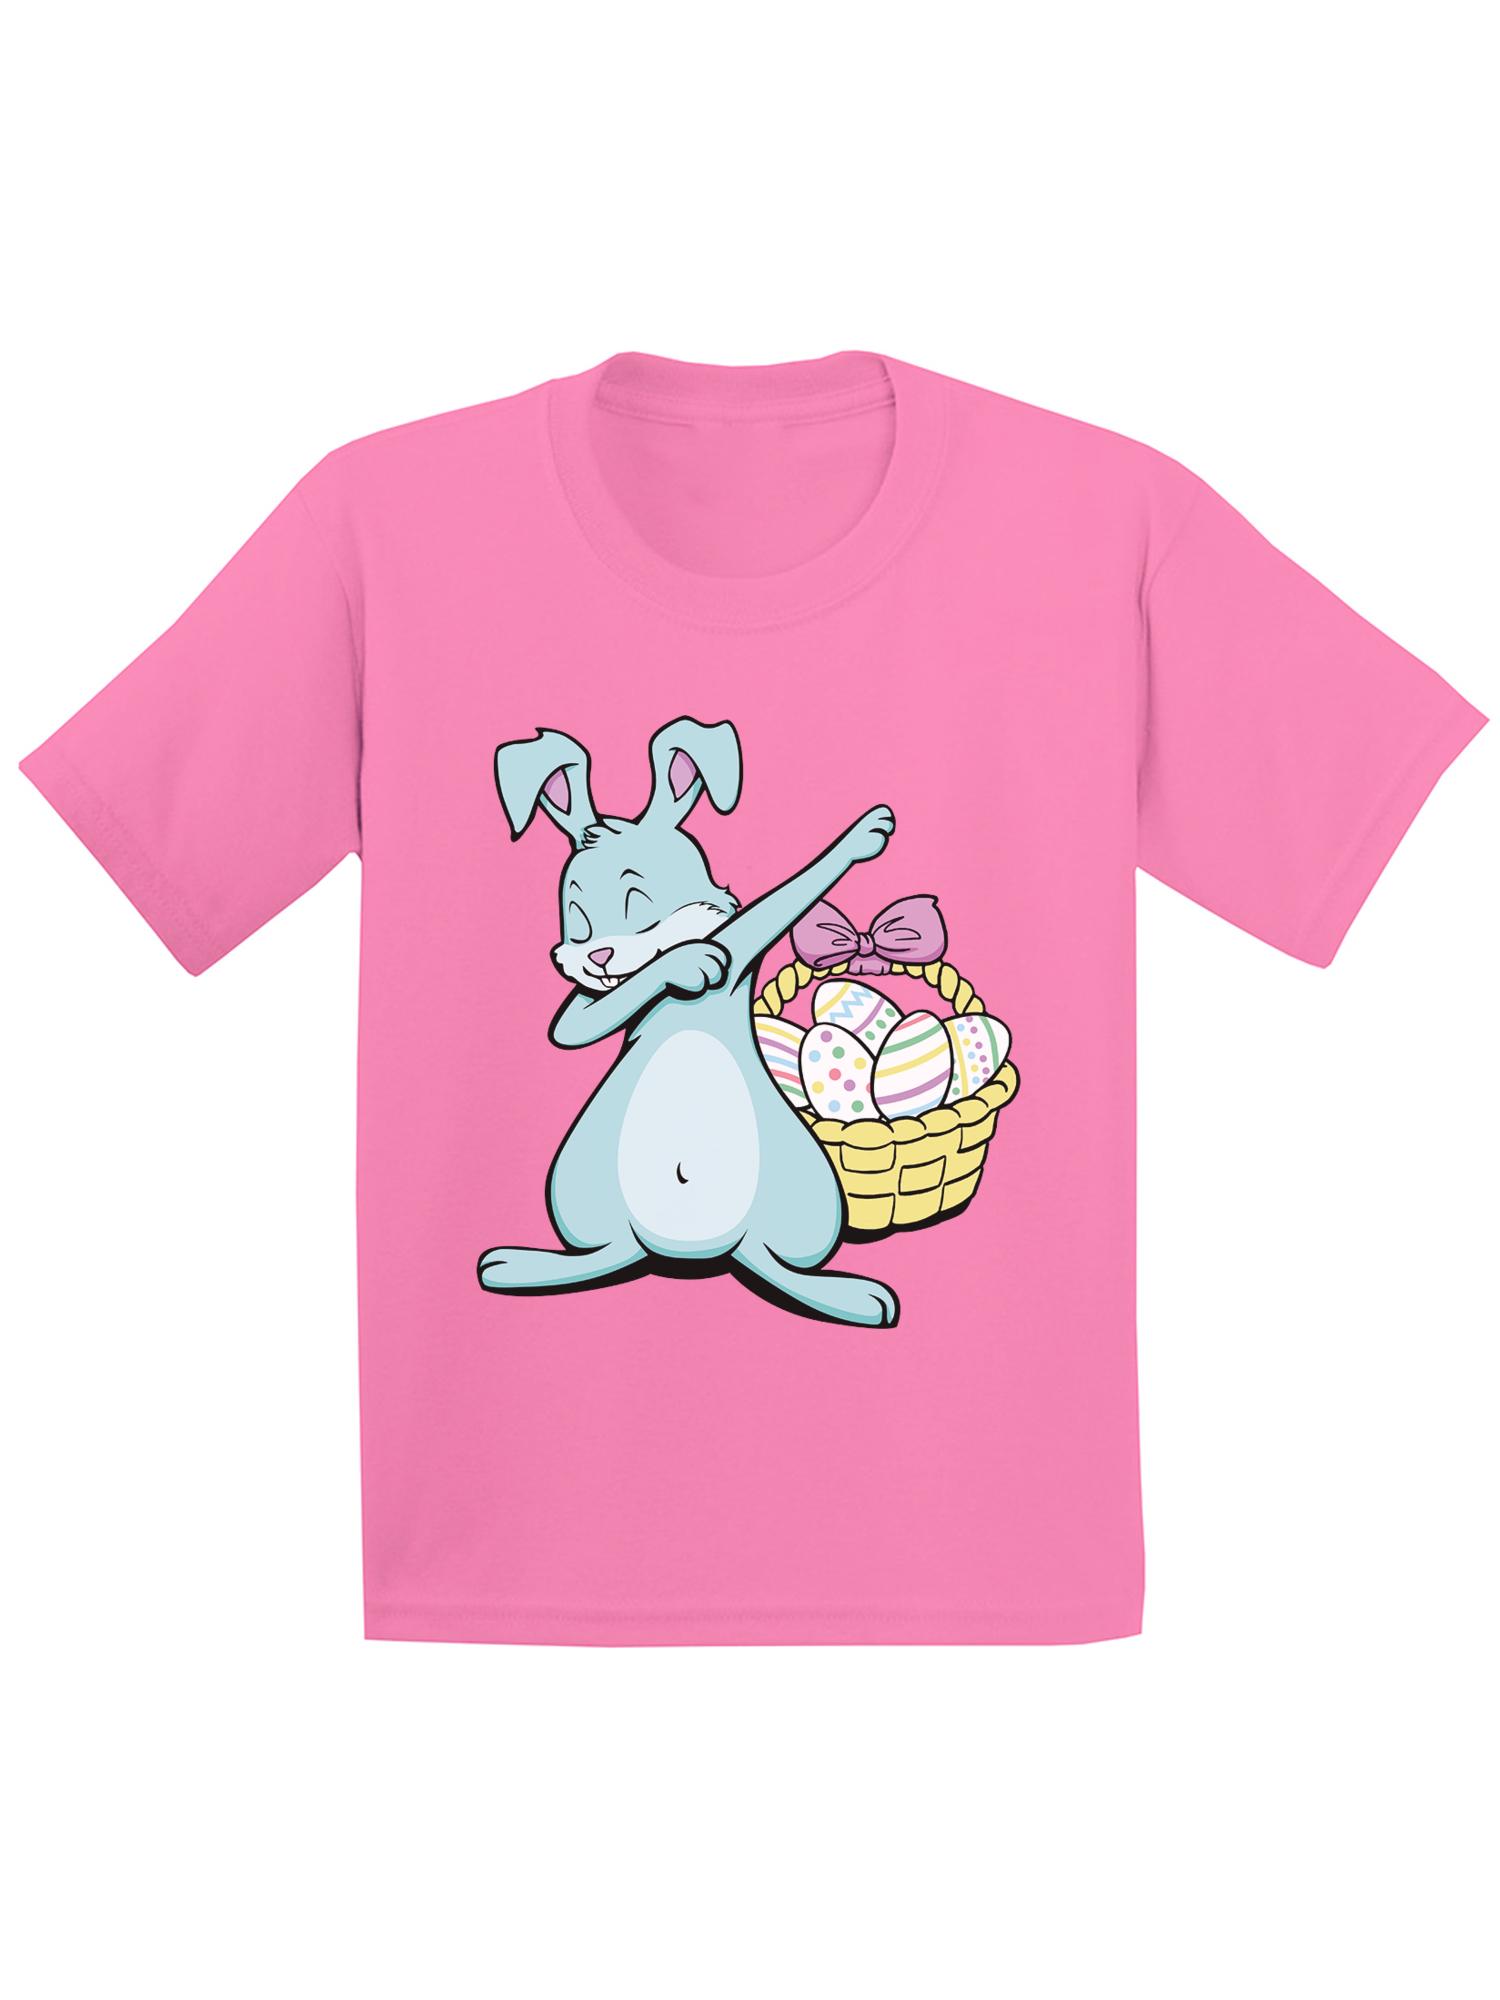 Easter Kids Shirt,Do Not Carrot All,Funny Egg Hunt T-Shirt,Toddler Boys Girls Basket Stuffer,Gift